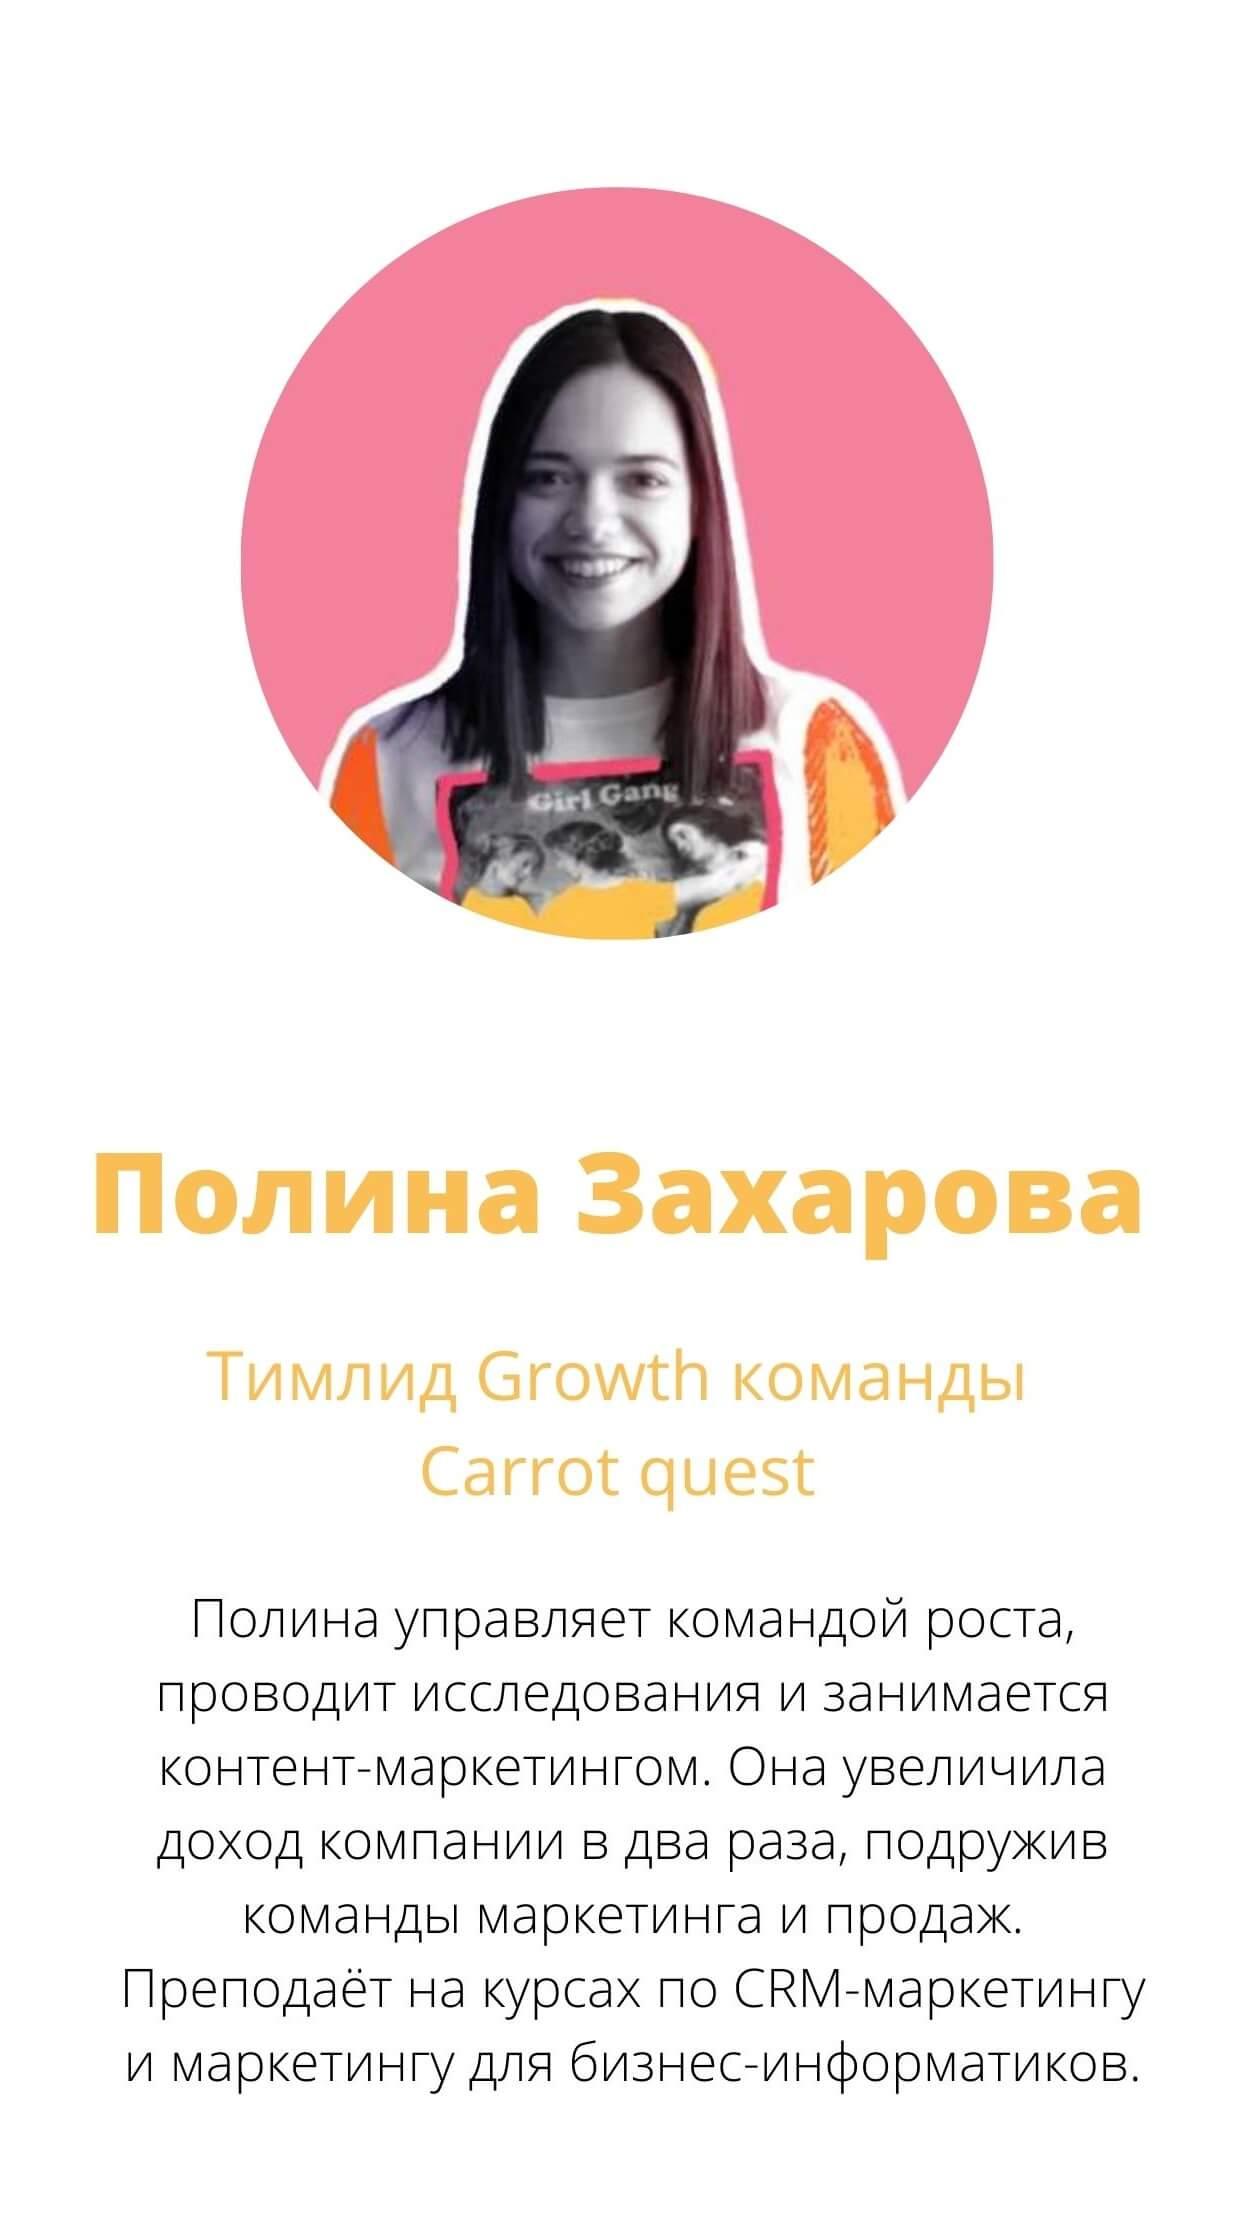 Полина Захарова, описание эксперта